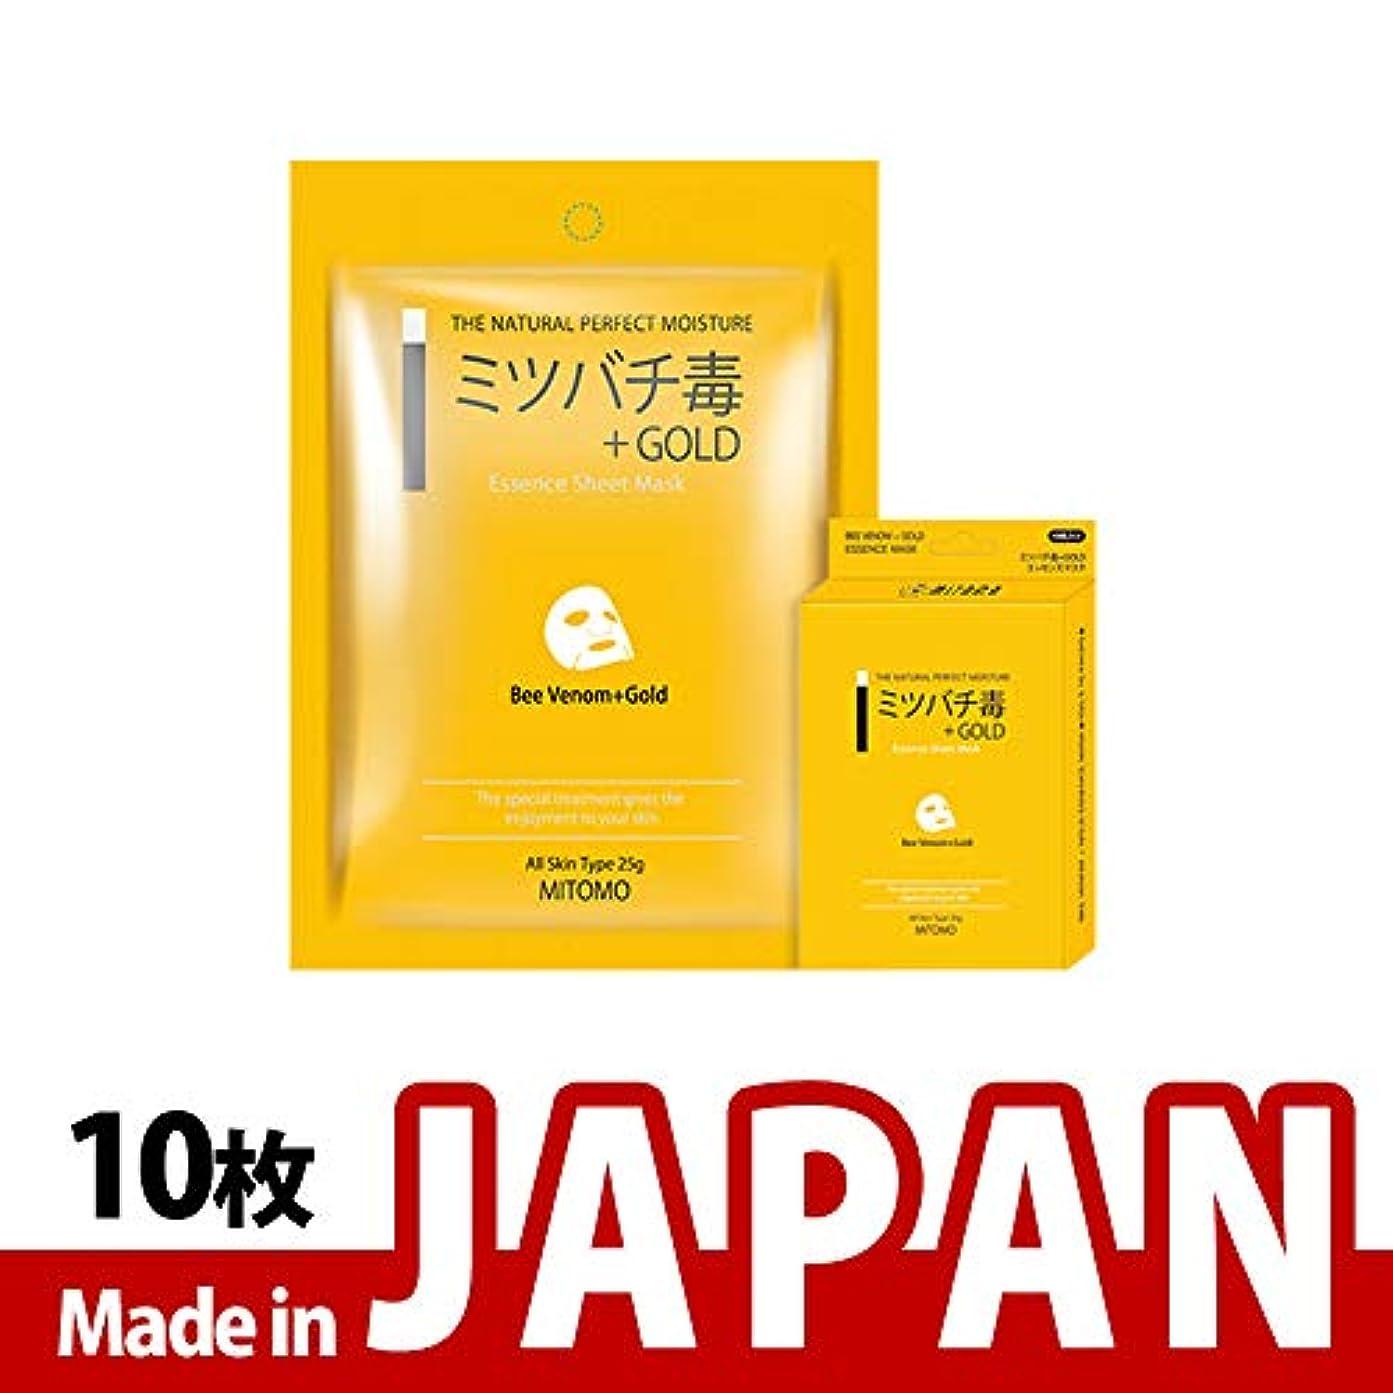 健康ゆでるハウスMITOMO【MC001-A-5】日本製ミツバチ毒+ゴールド 敏感肌 肌汚れ対策シートマスク/10枚入り/10枚/美容液/マスクパック/送料無料